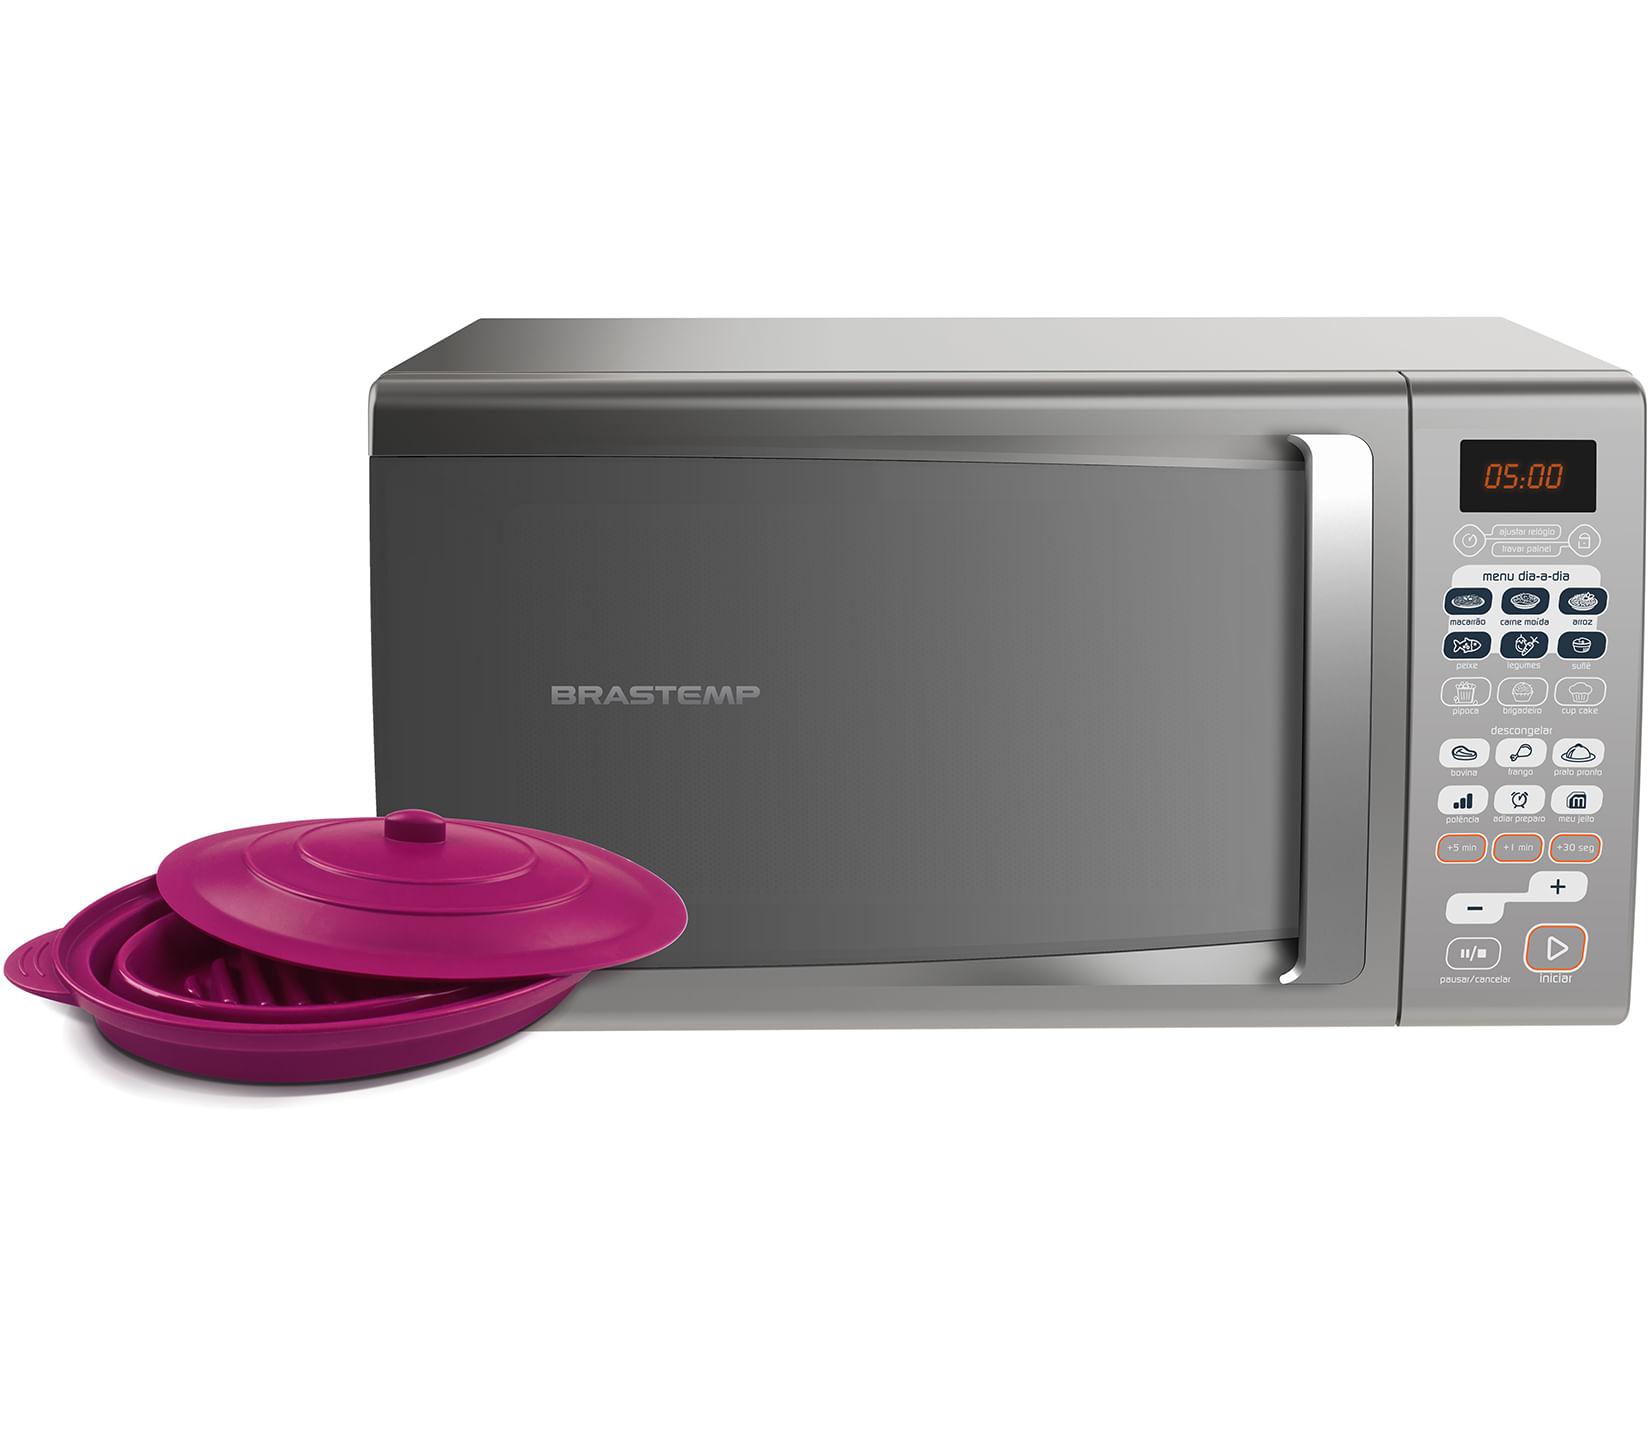 Micro-ondas Brastemp 30 Litros cor Inox com Menu Descongelar